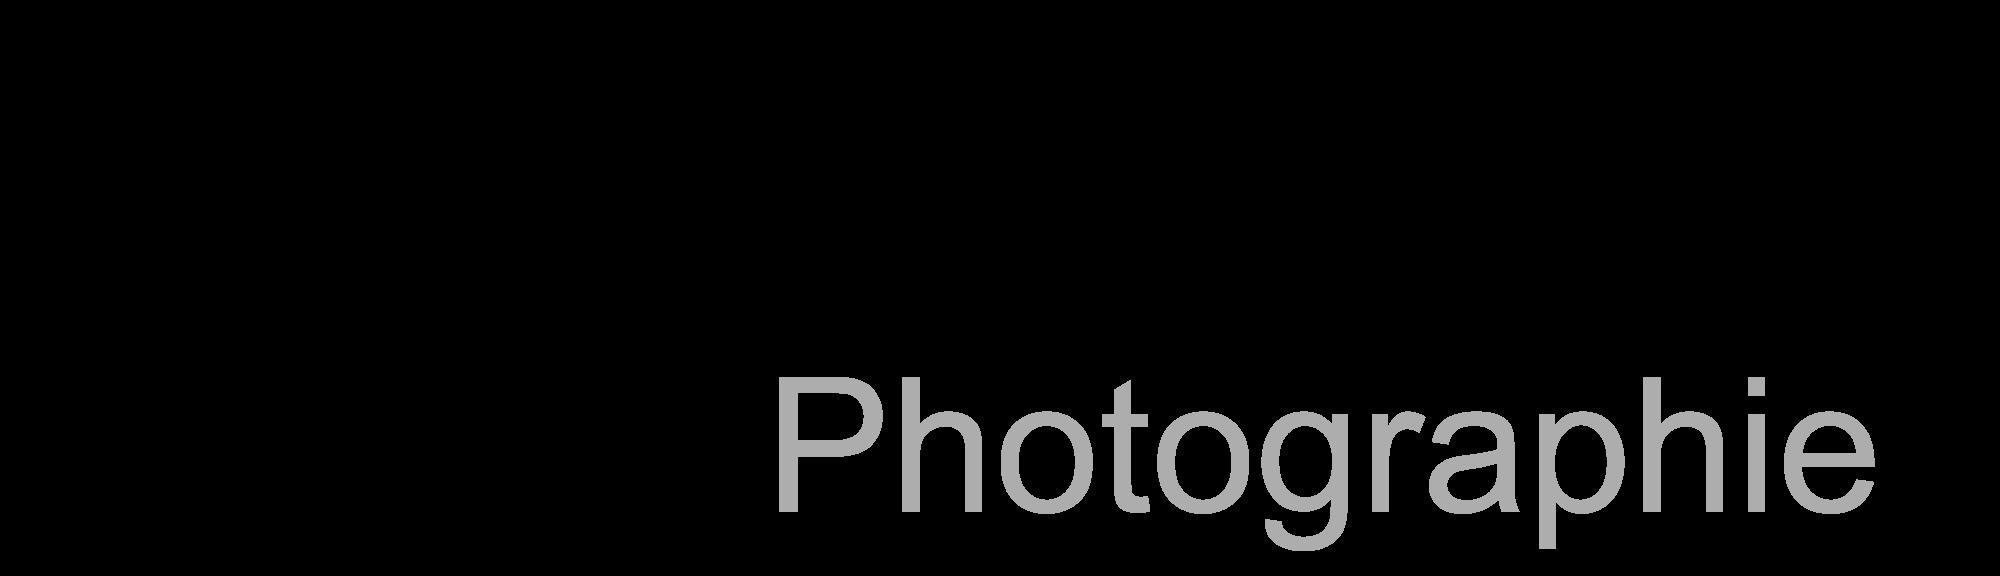 Jfbonnement Photographie